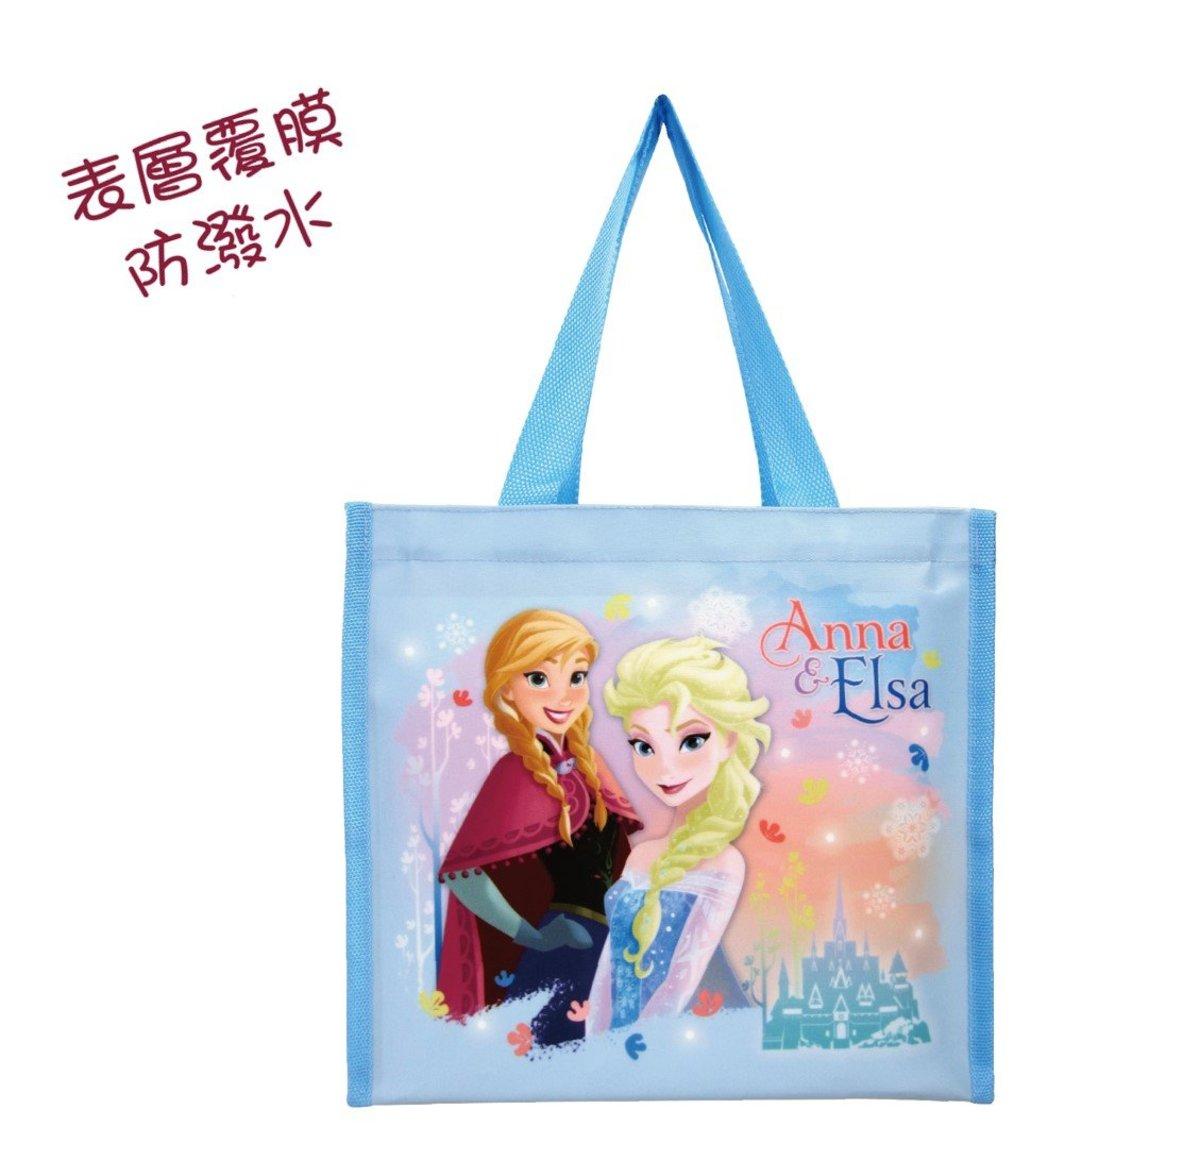 Disney迪士尼 --lunch bag B (Licensed by Disney)